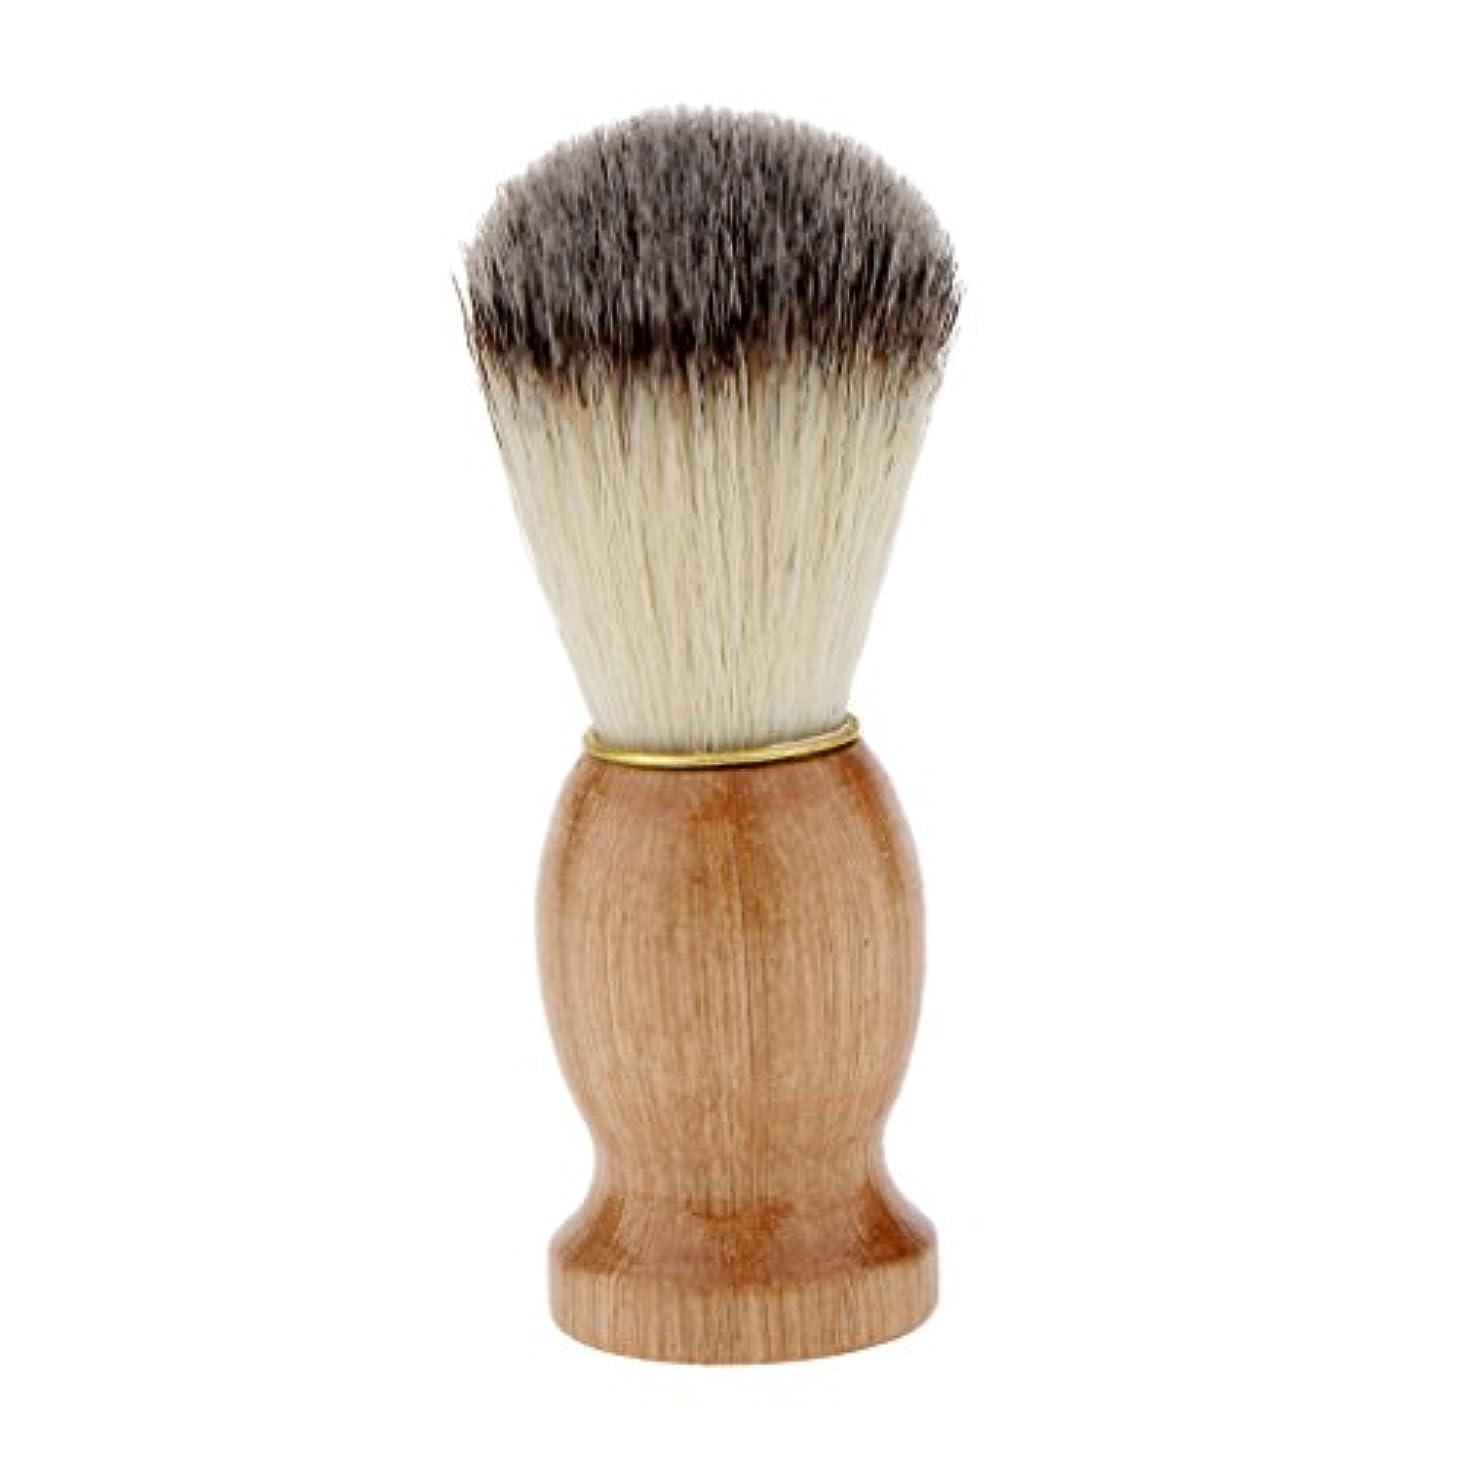 ホステス条件付きほうきKesoto シェービングブラシ コスメブラシ 木製ハンドル メンズ ひげ剃りブラシ クレンジング